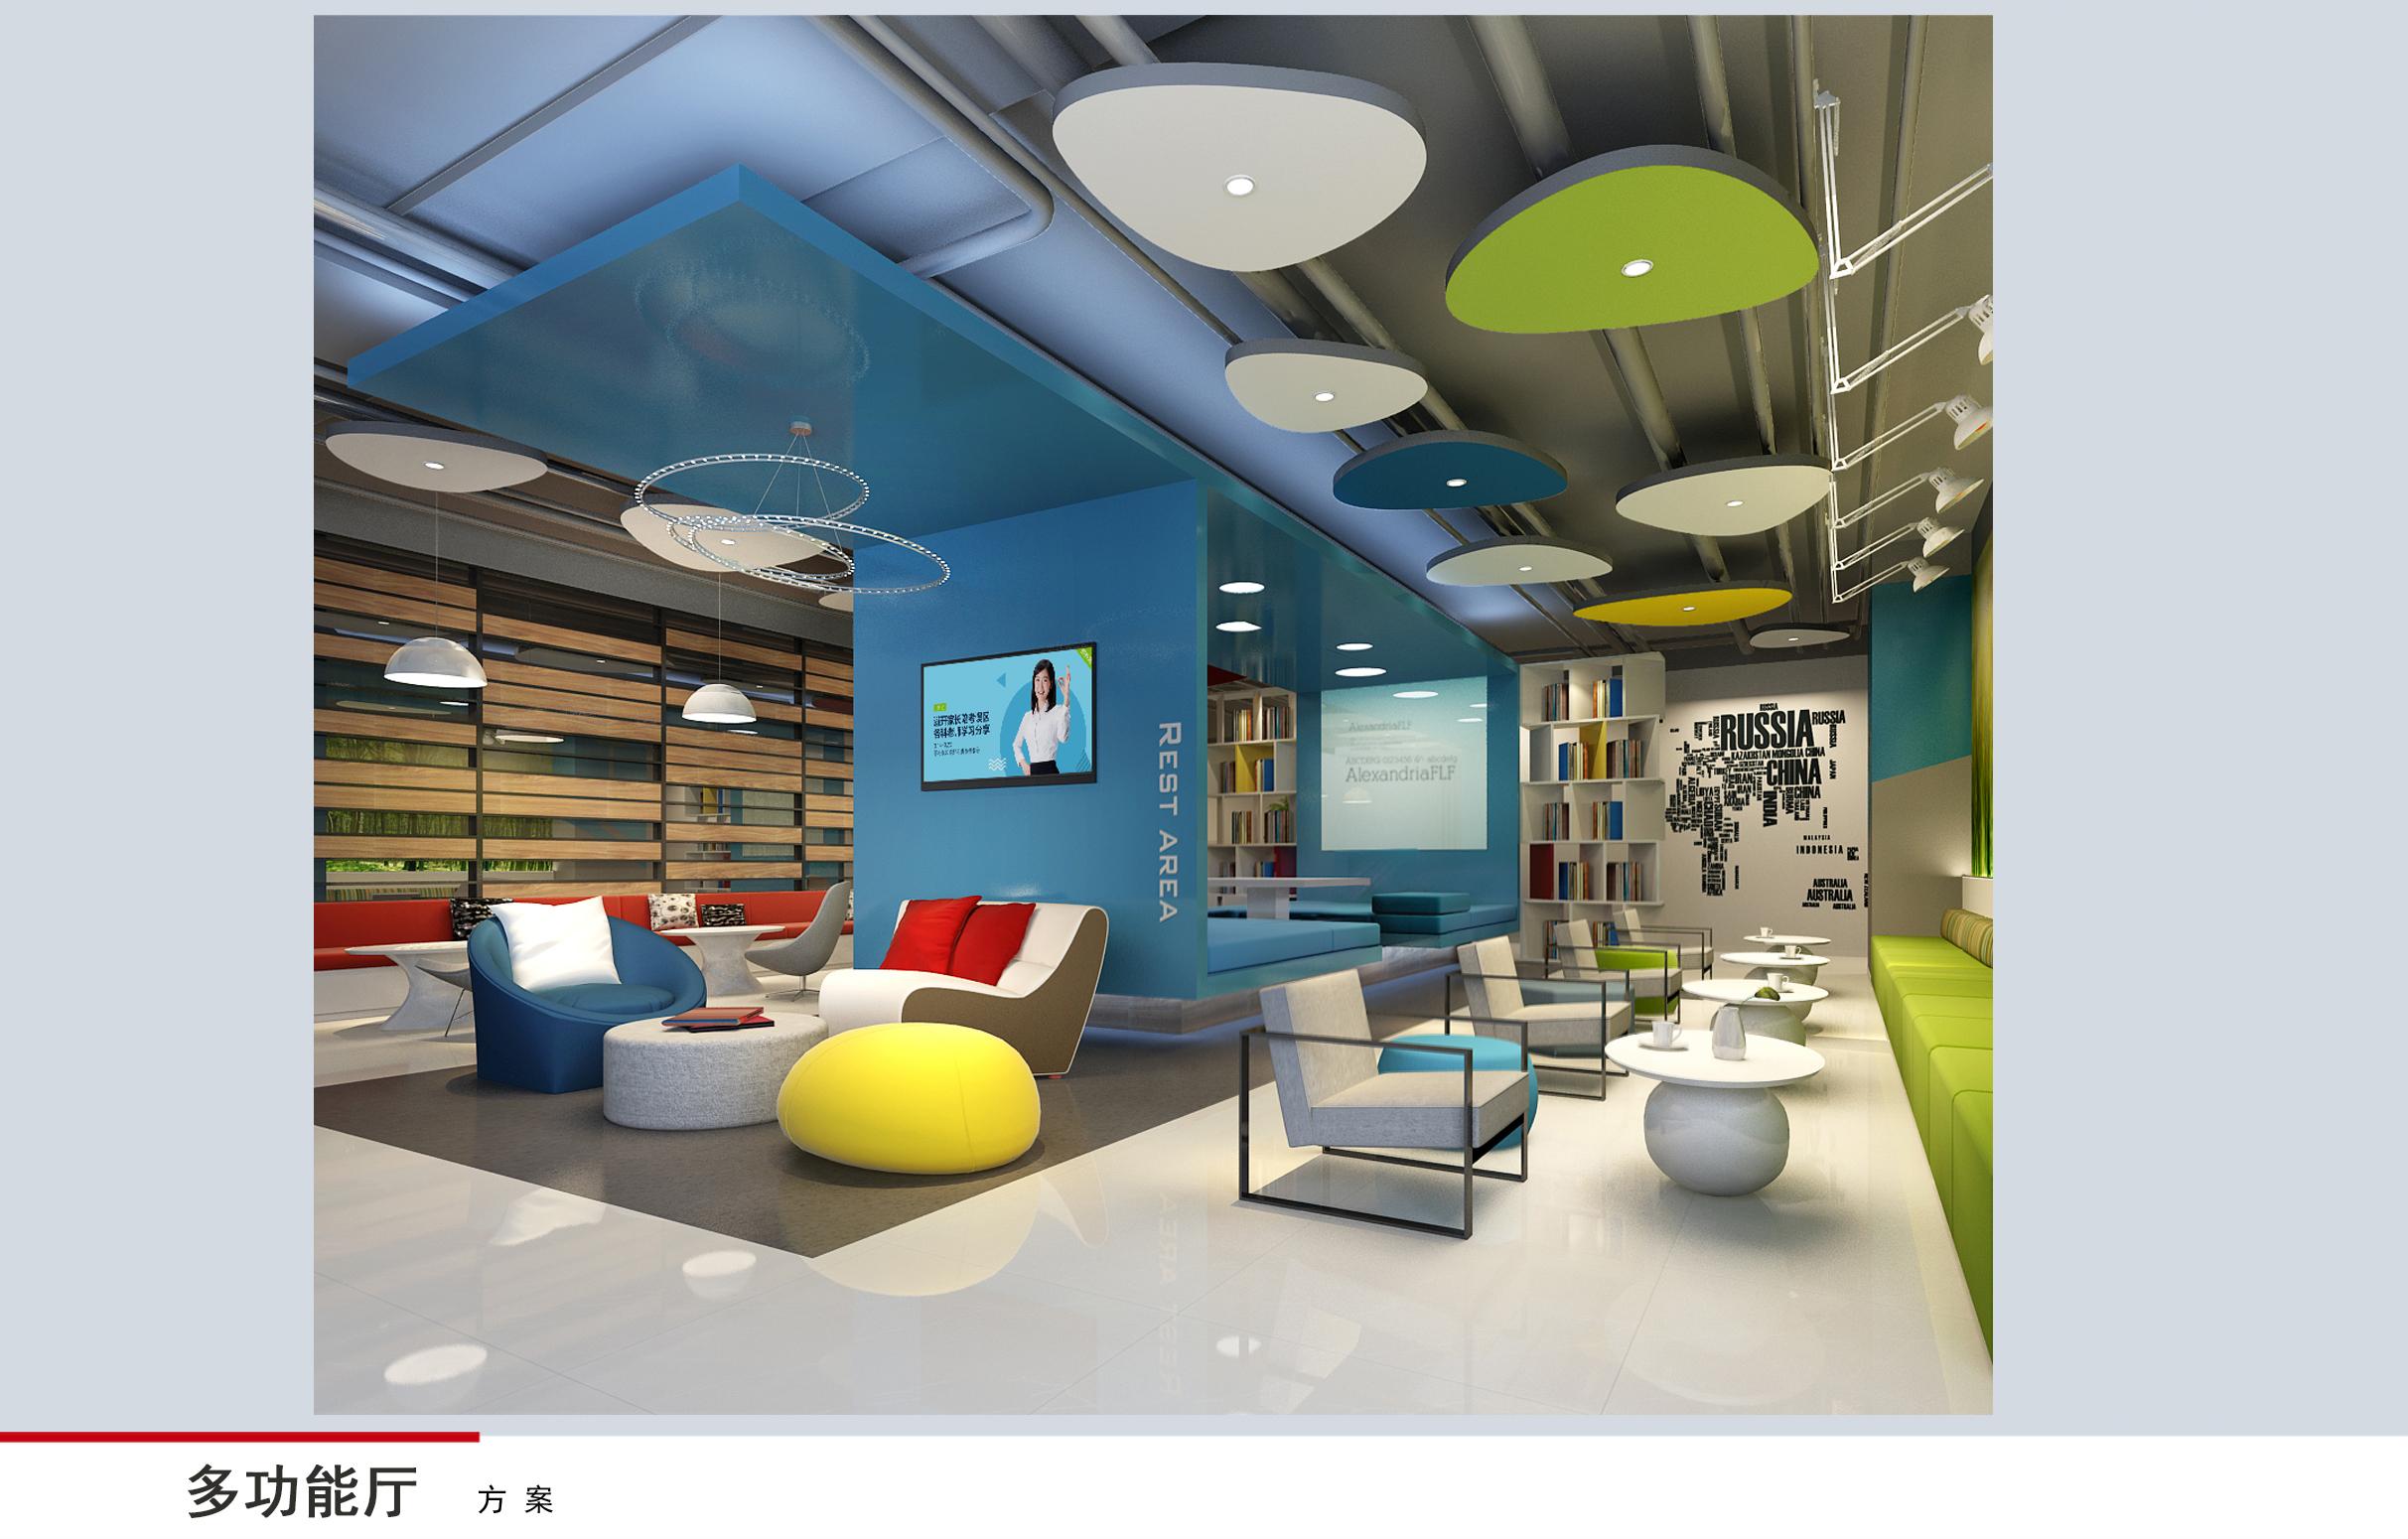 幼儿园v形式案例分析,室内形式的作用欧洲广告设计灯光图片